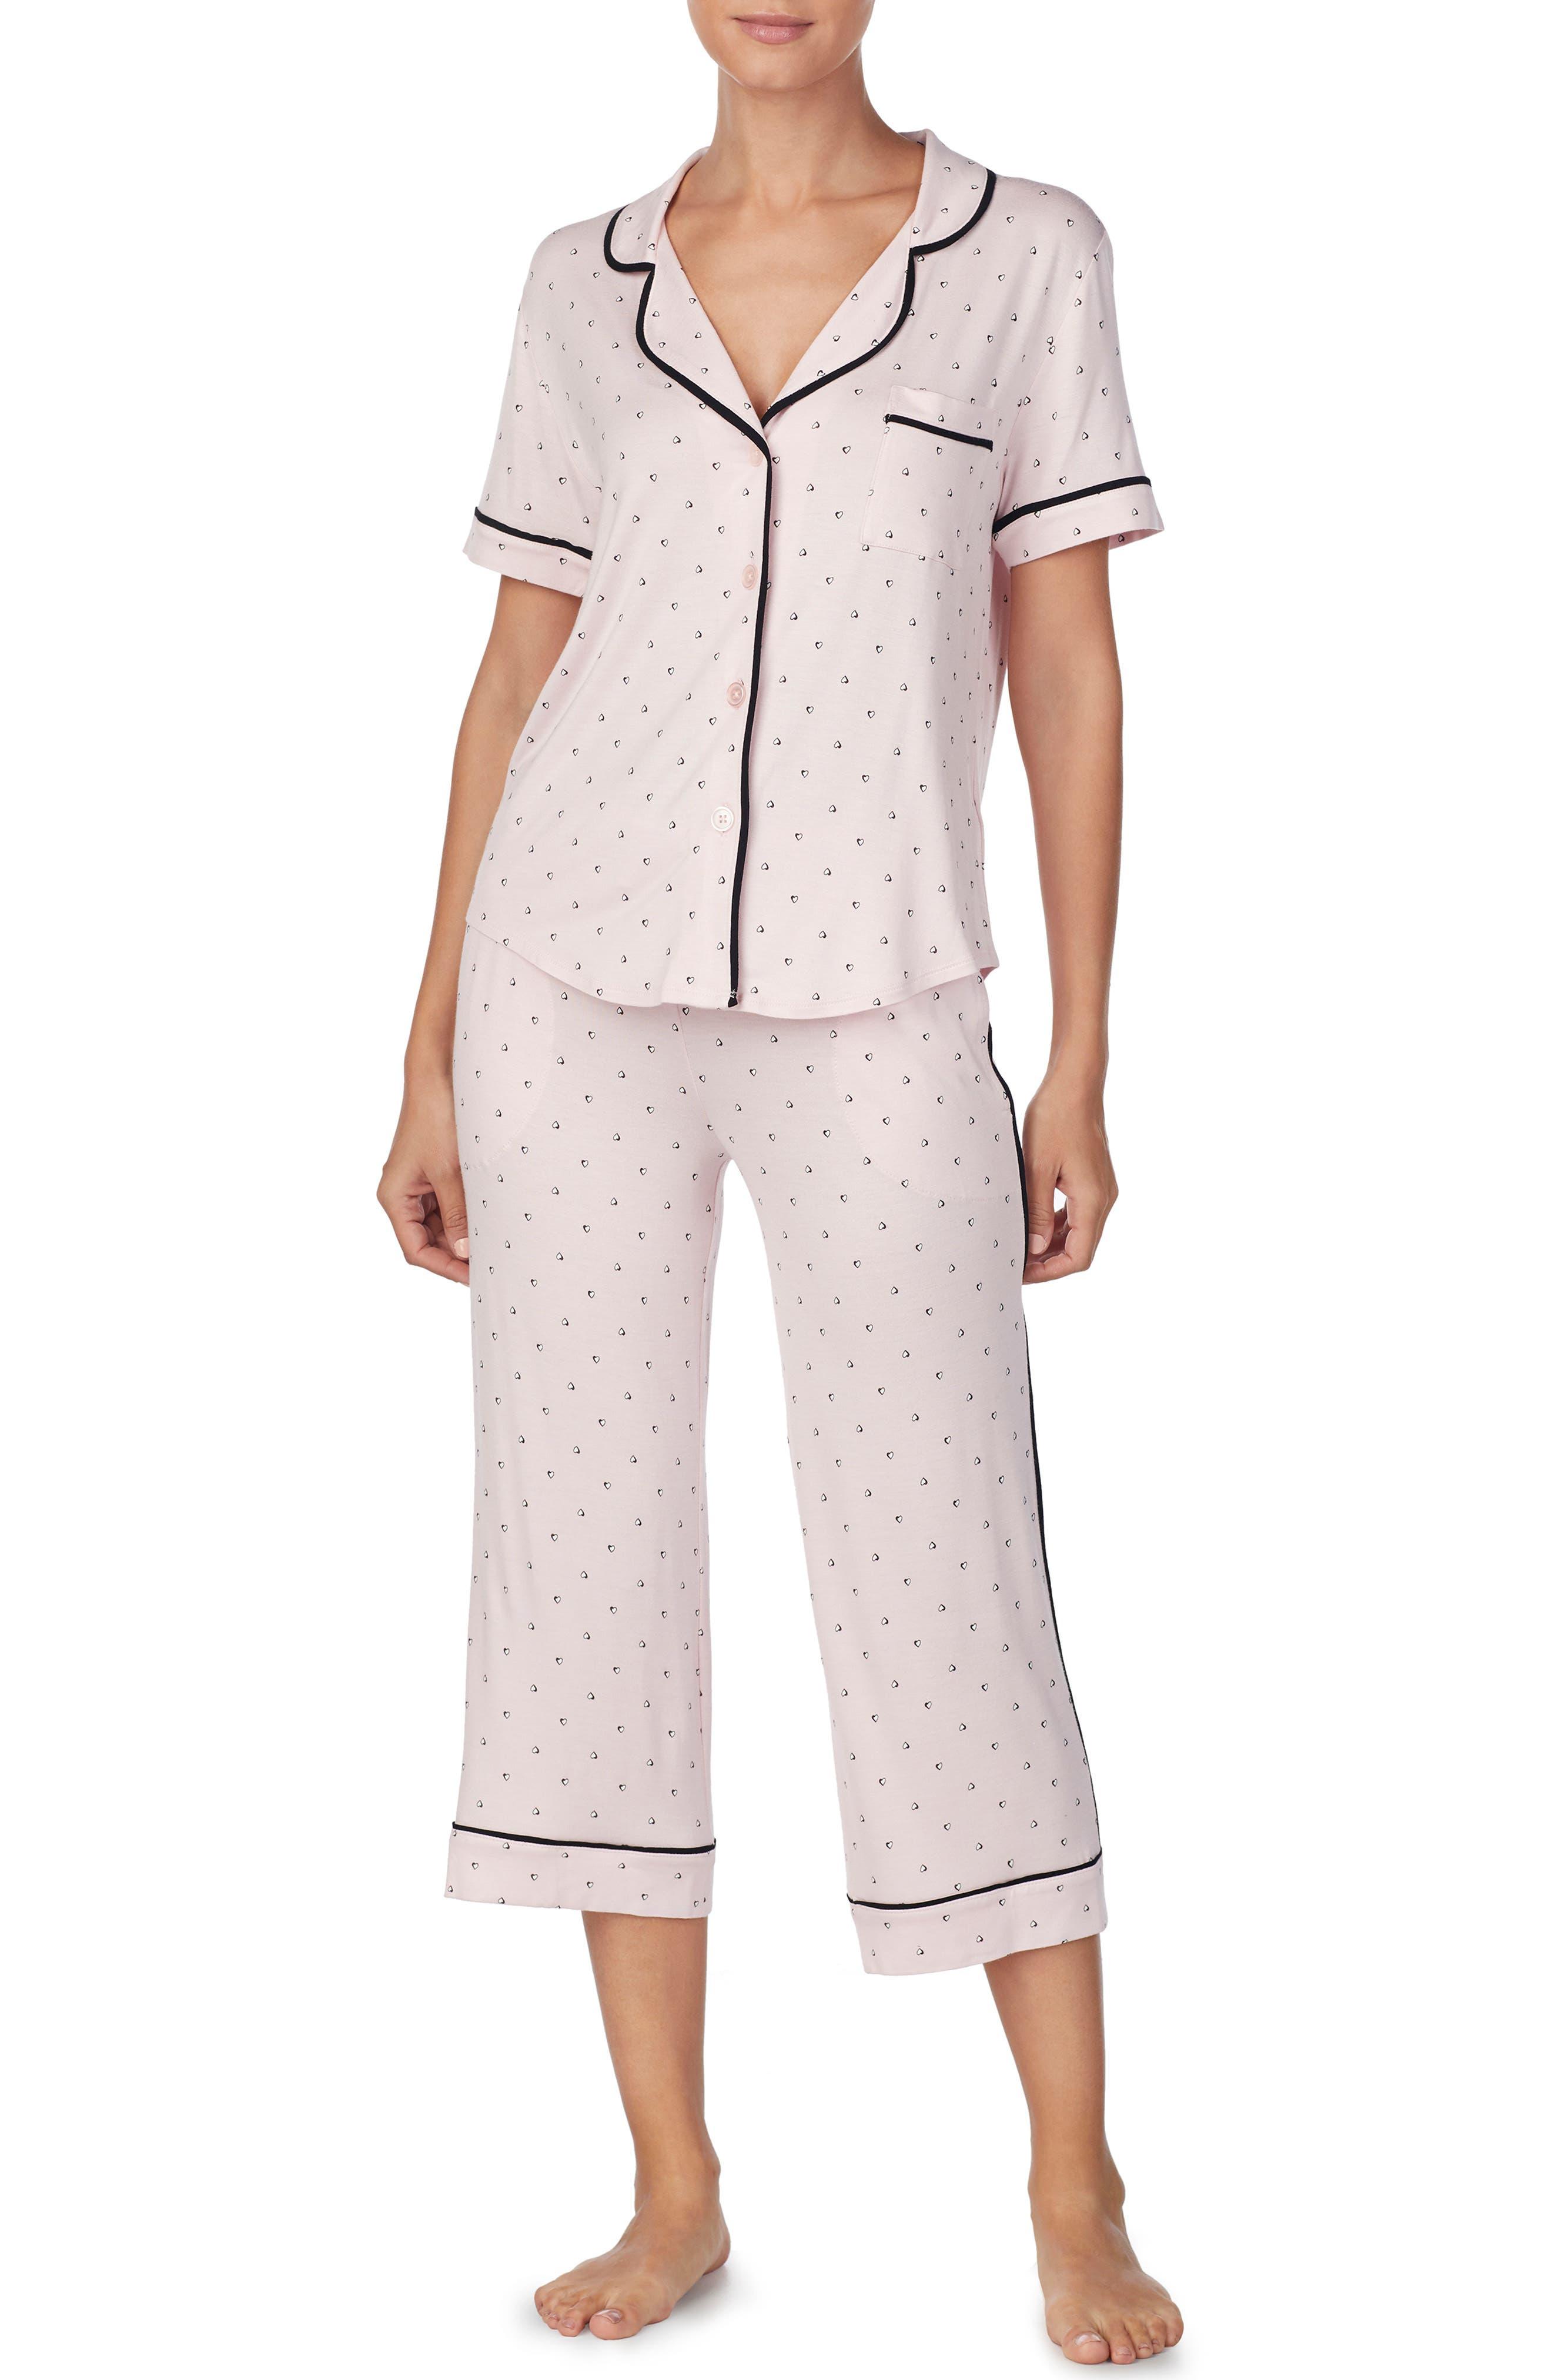 ROOM SERVICE, Crop Pajamas, Main thumbnail 1, color, PINK SHADED HEARTS